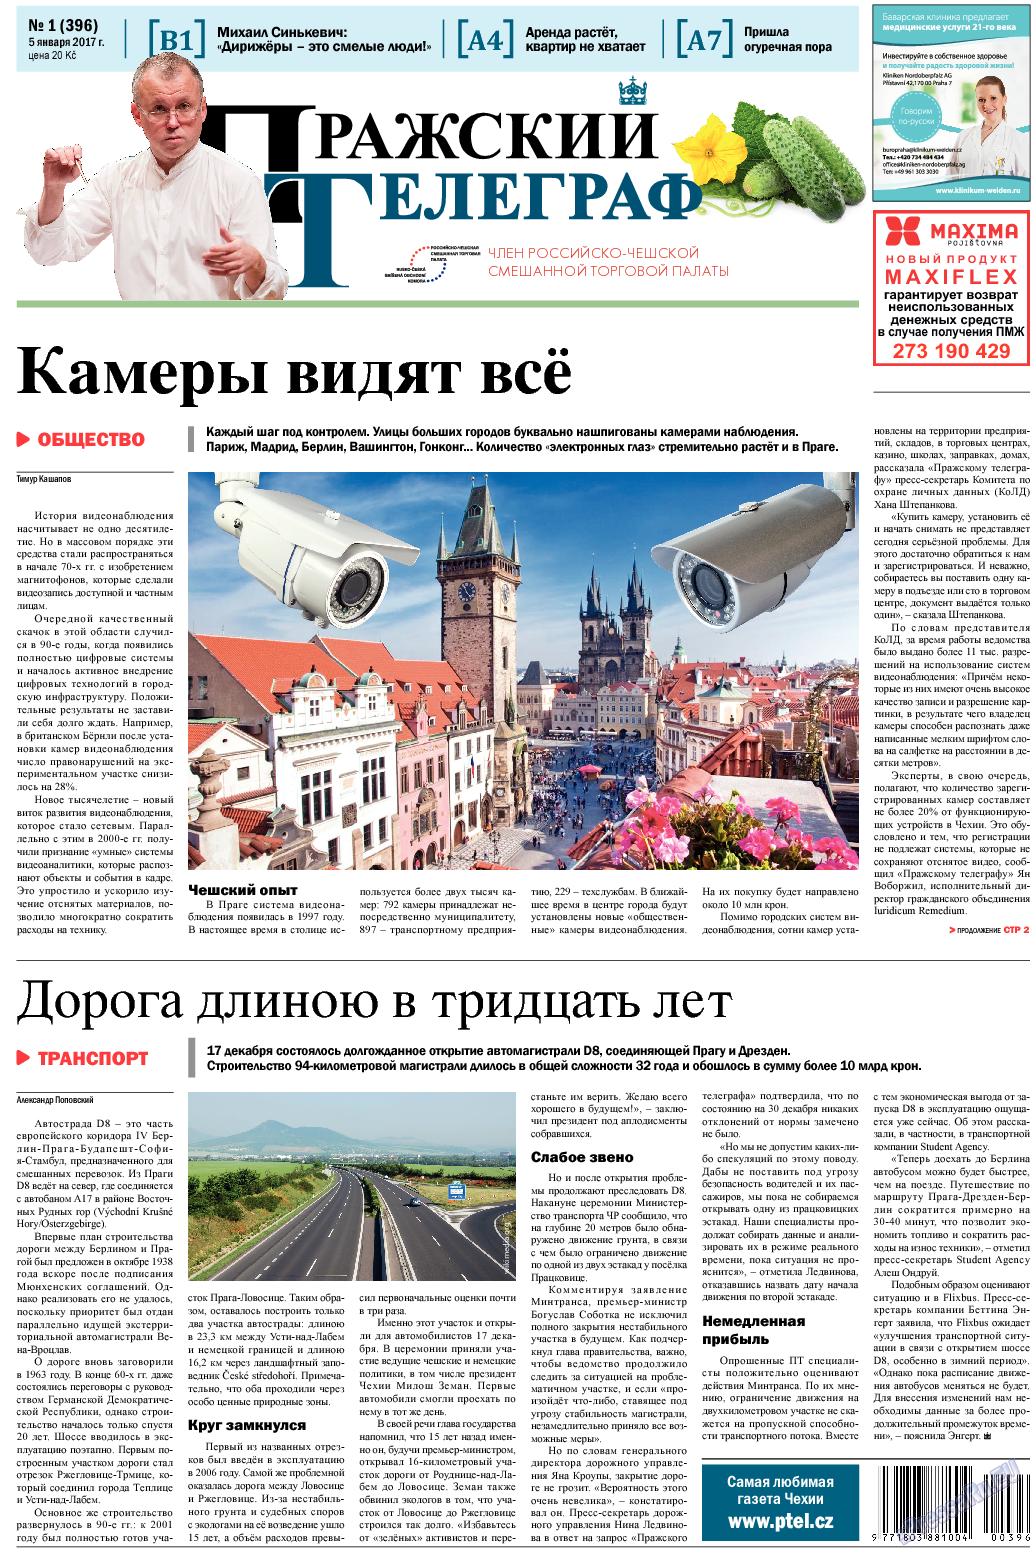 Пражский телеграф (газета). 2017 год, номер 1, стр. 1